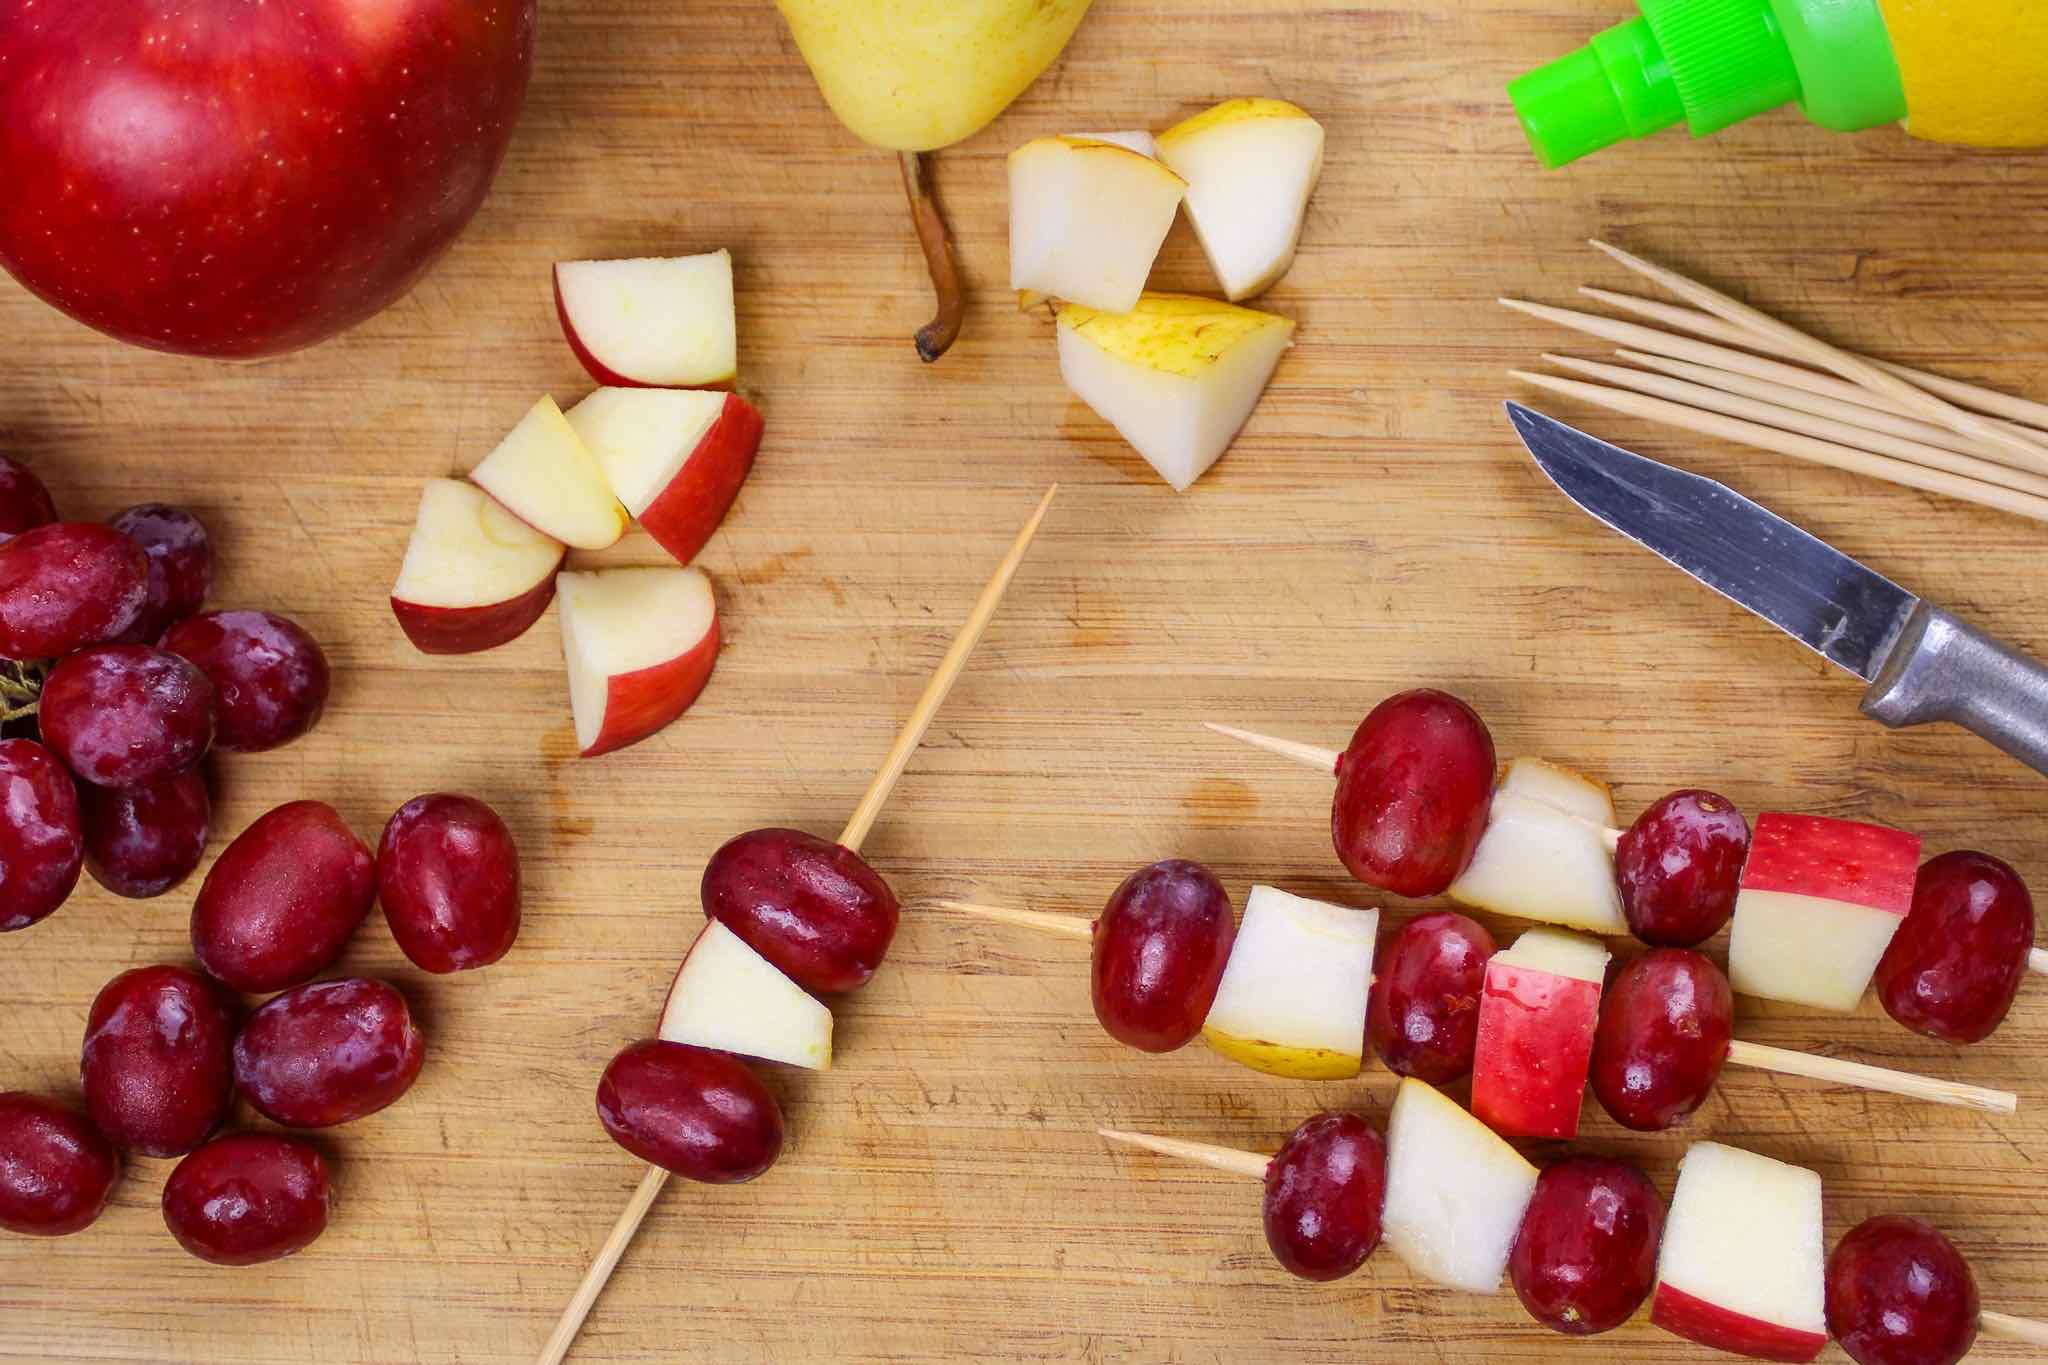 fruit kebab prepartion